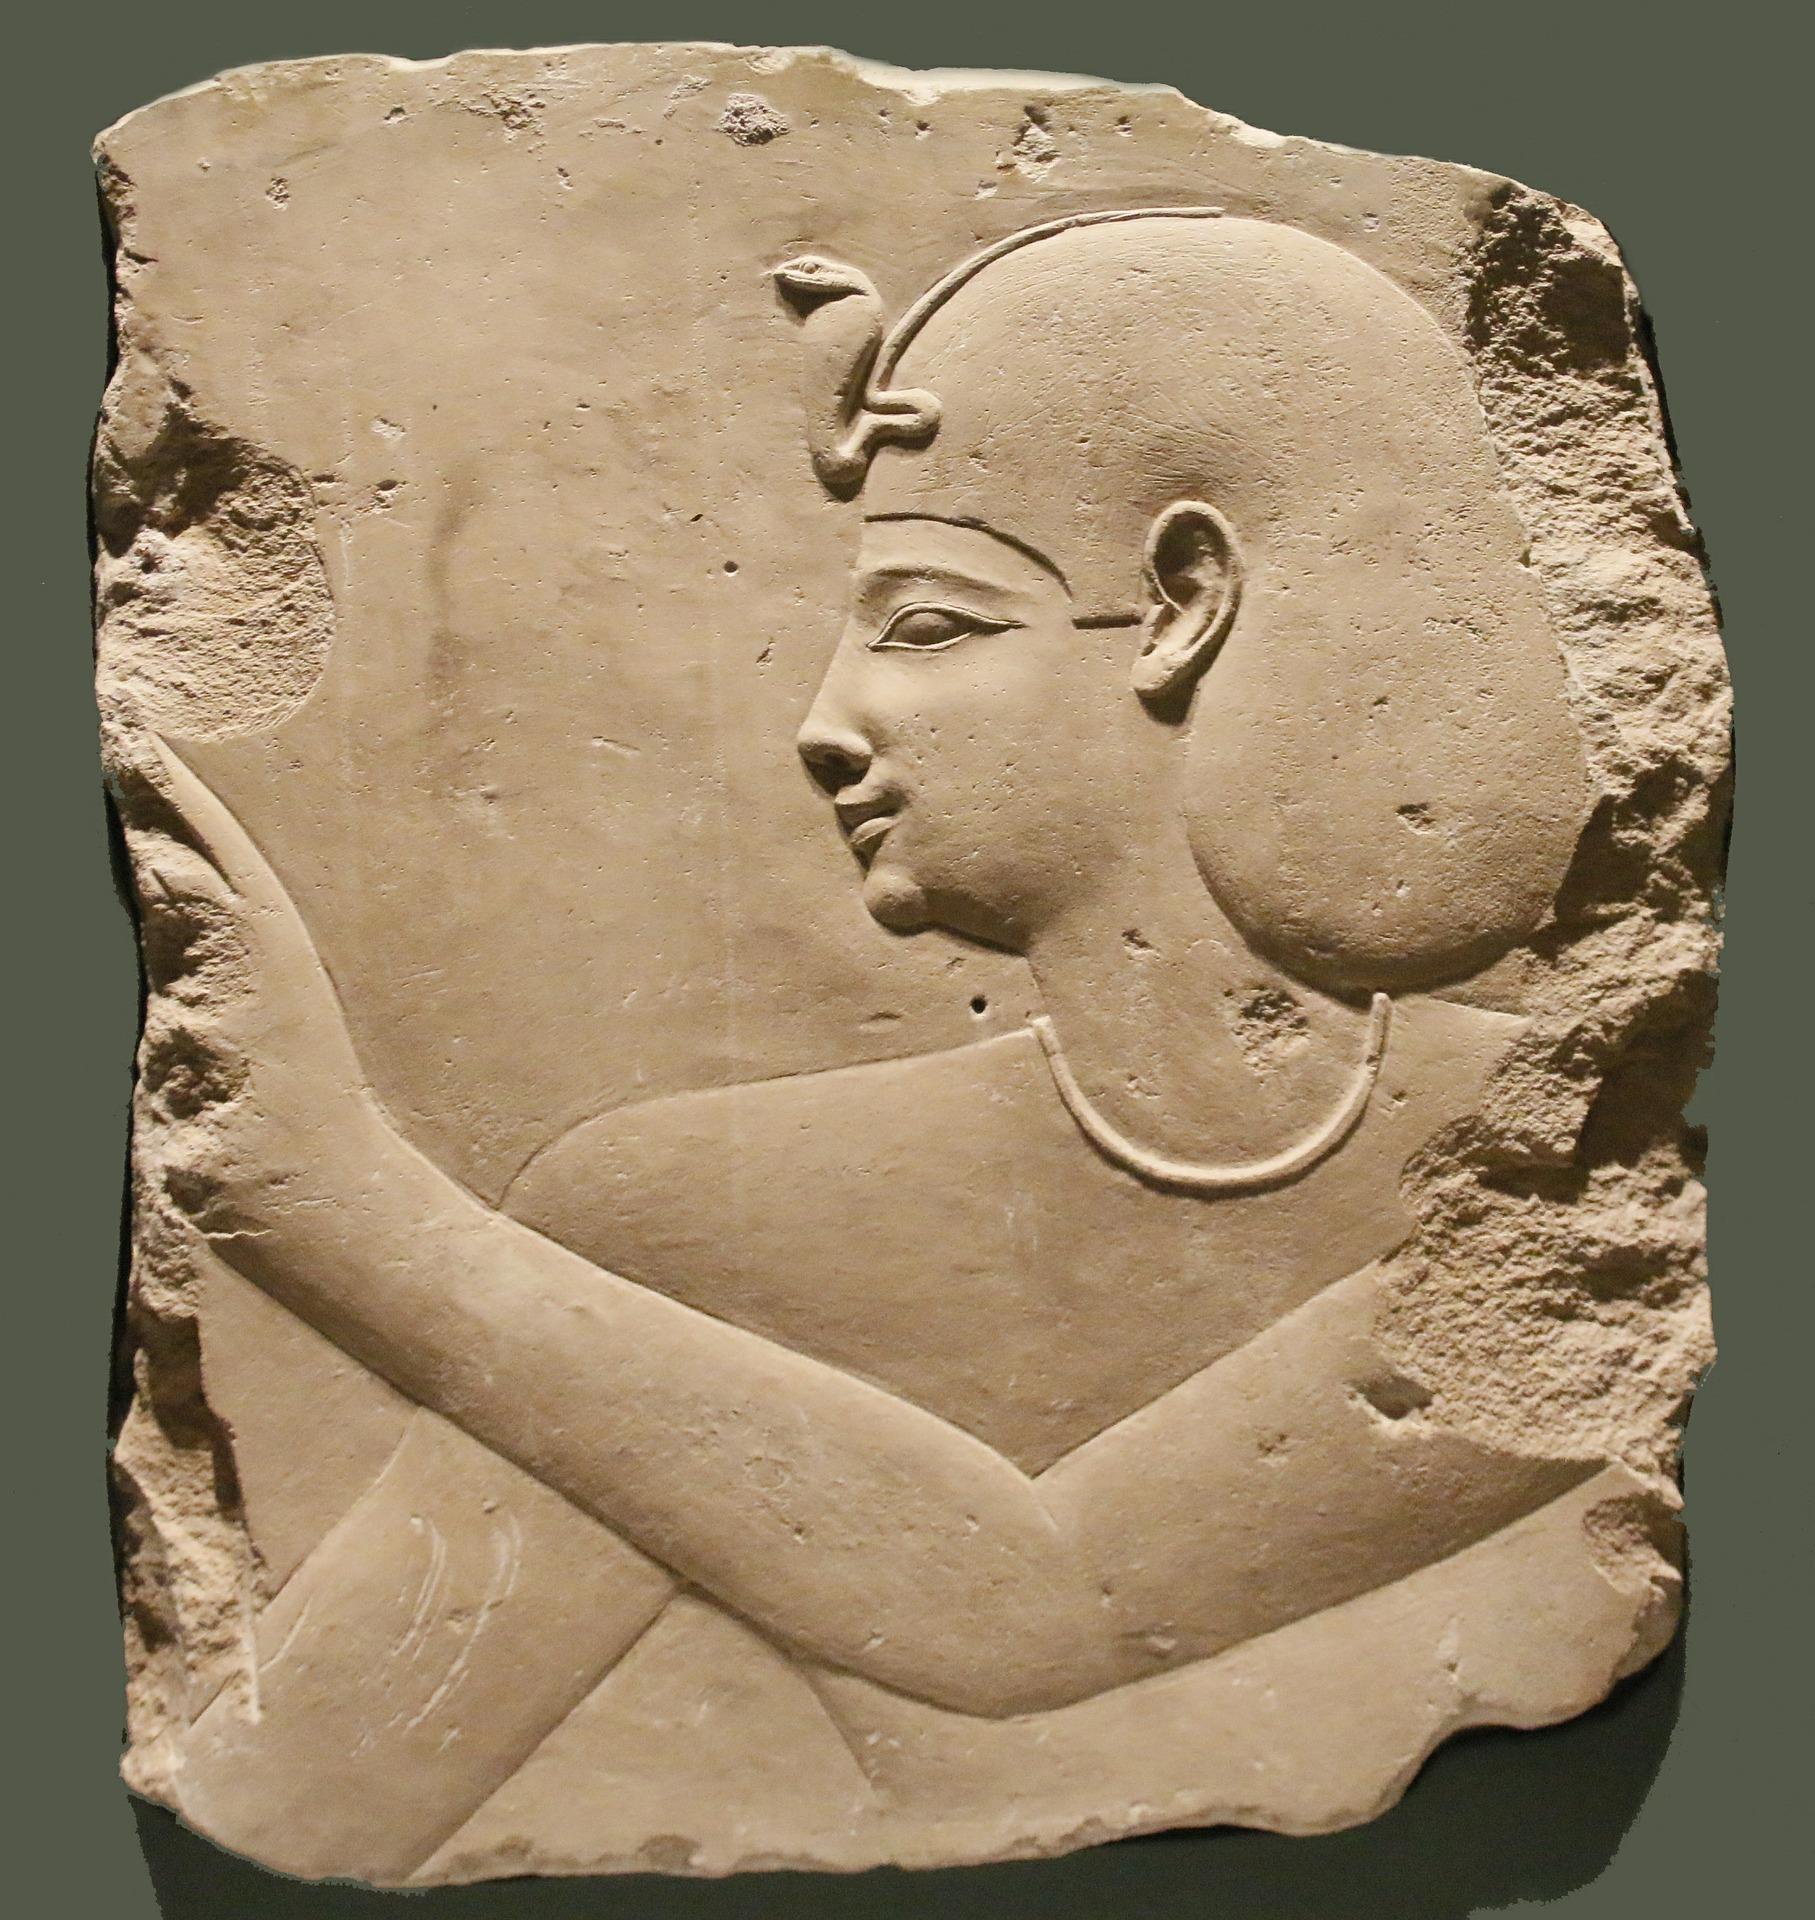 pharaoh-471589_1920